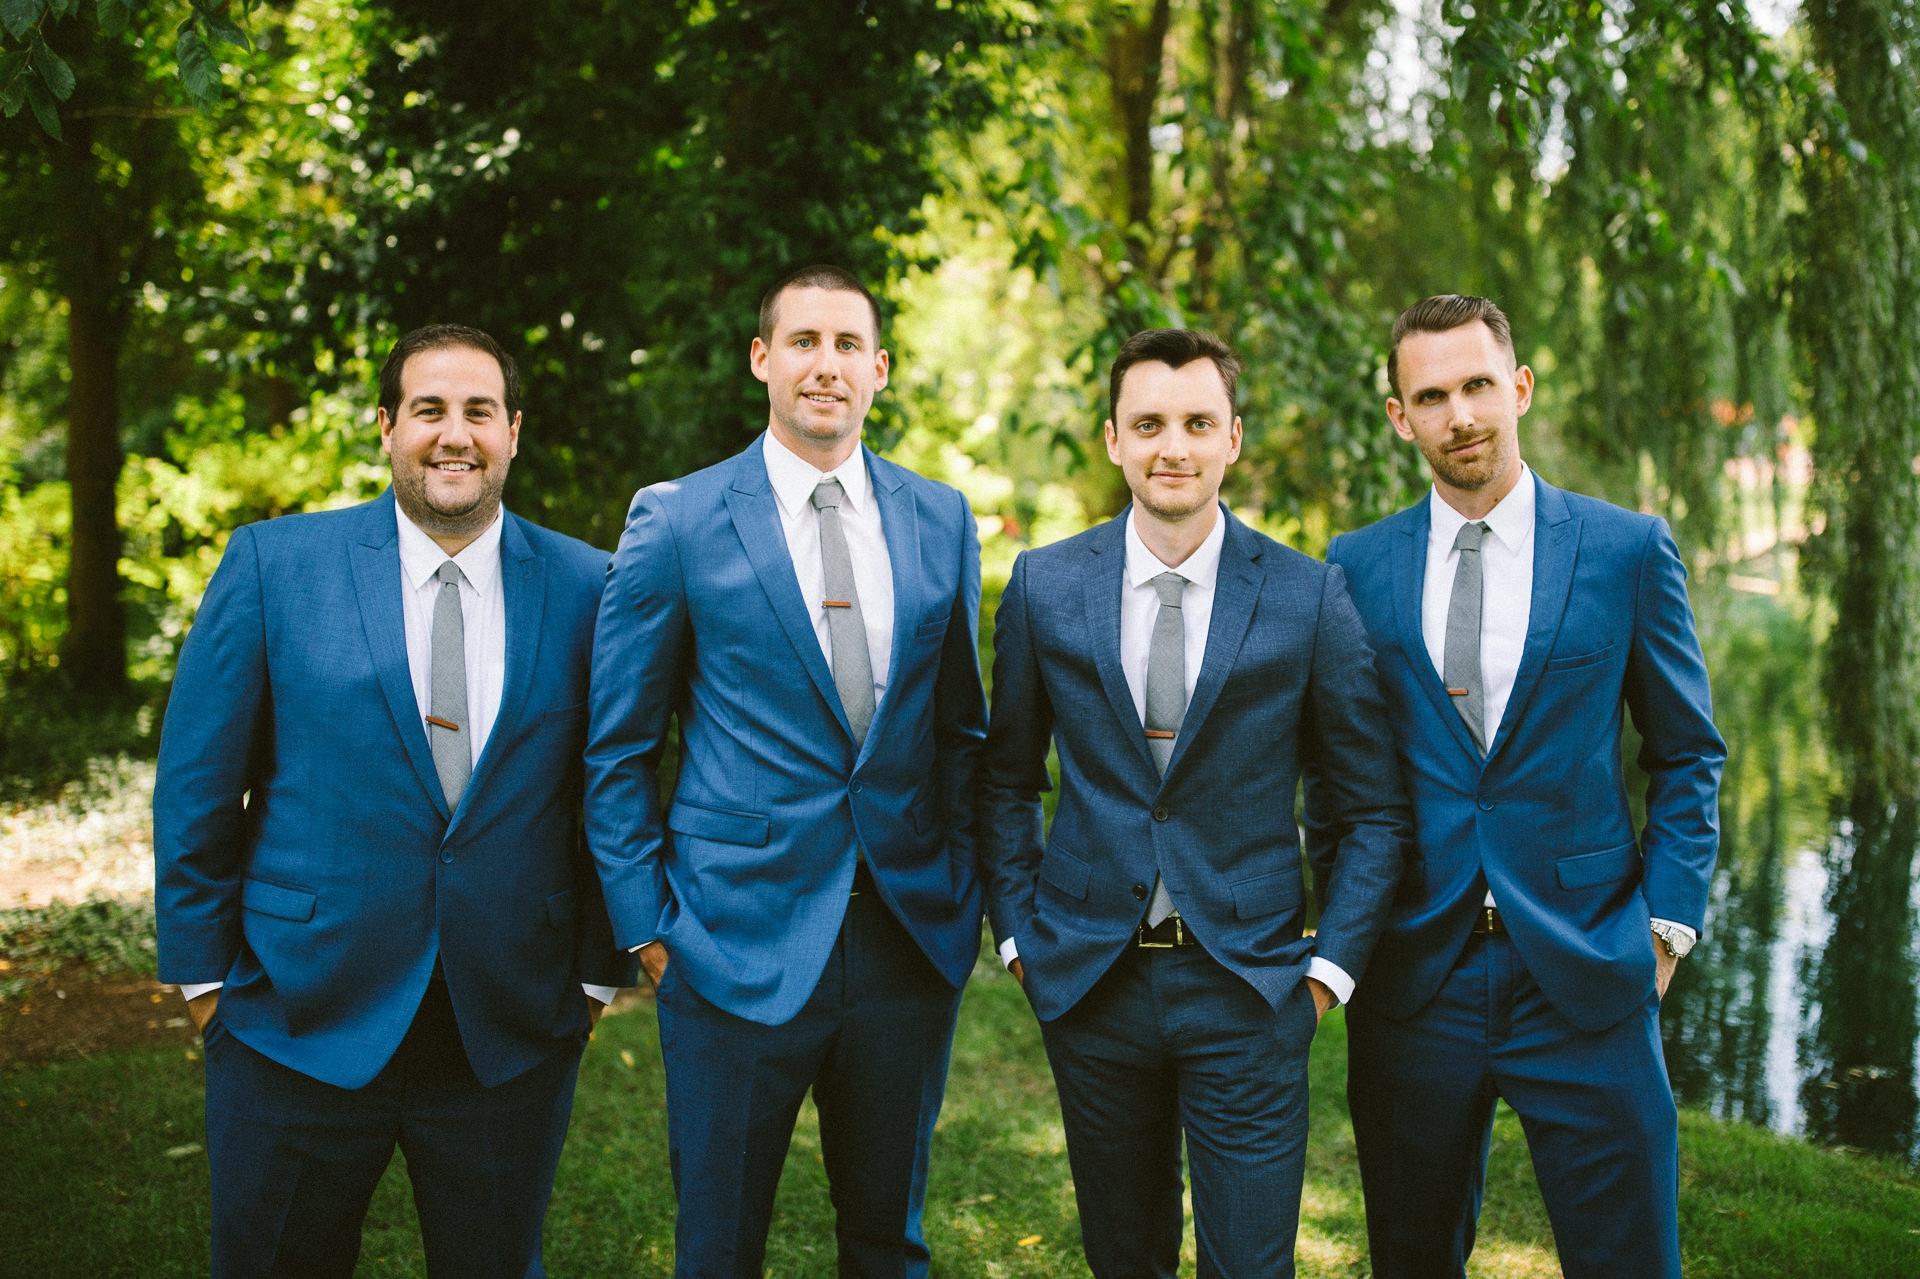 Gervasi Wedding Photographer in Canton Ohio 34.jpg